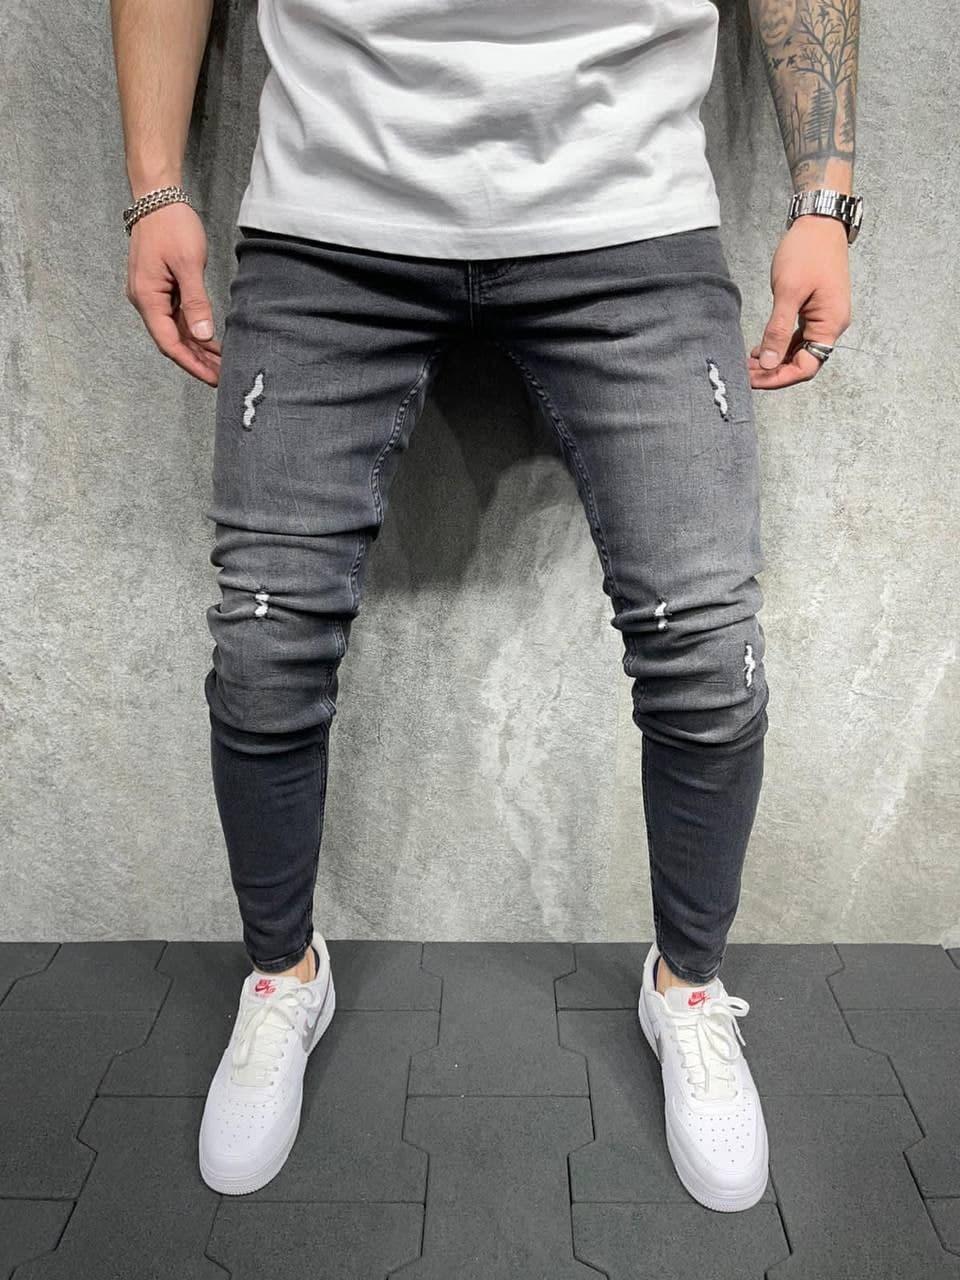 Чоловічі завужені джинси темно-сірого кольору з потертостями